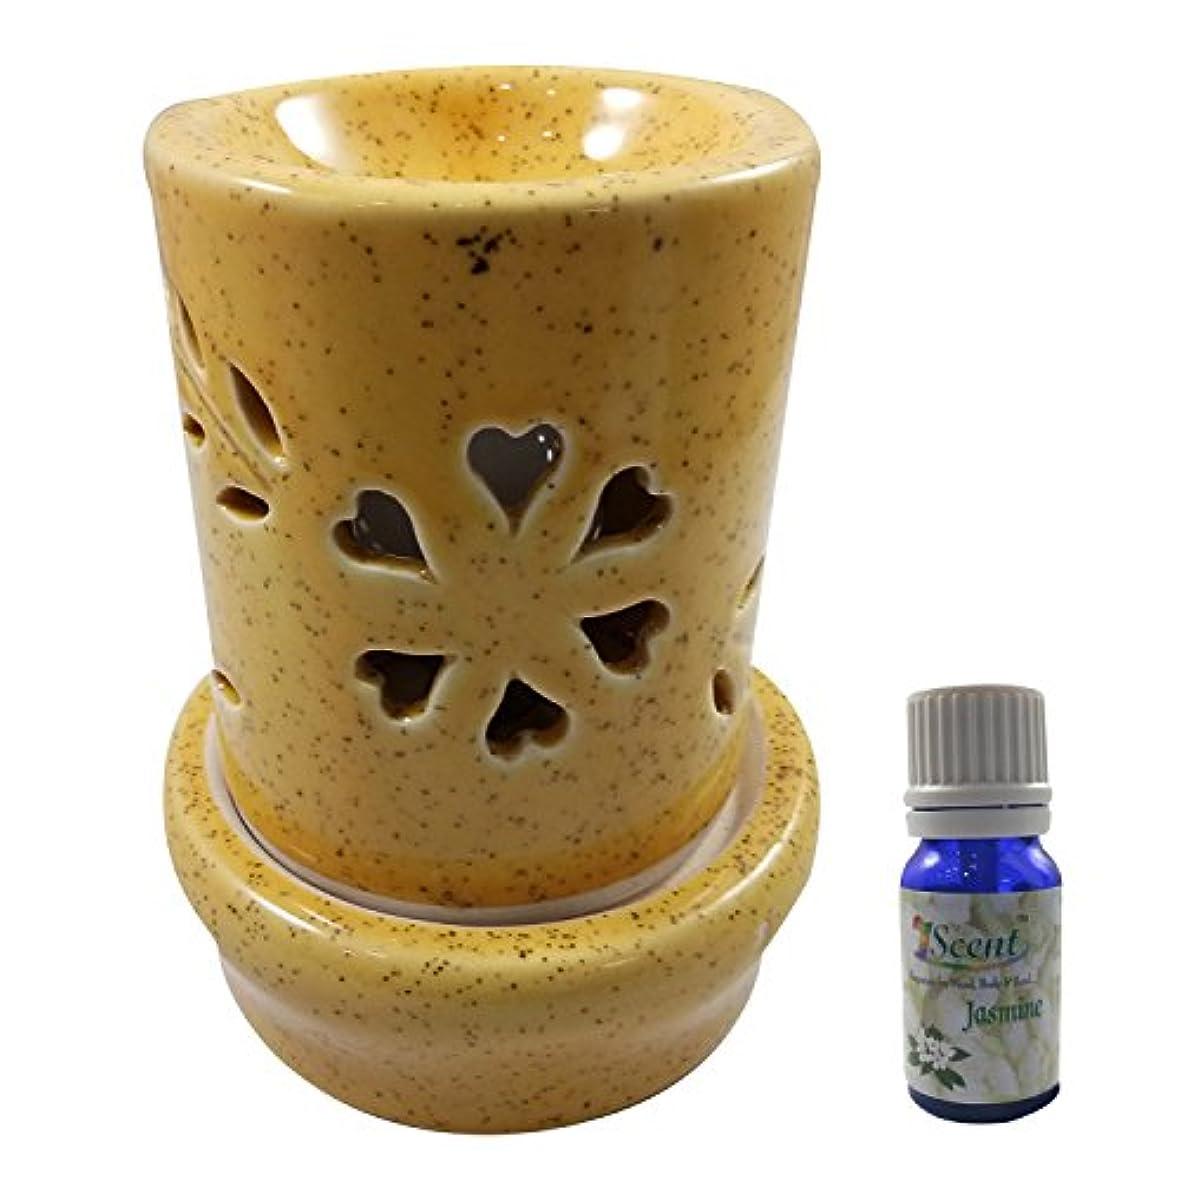 勃起変形からに変化するホームデコレーション定期的に使用する汚染フリーハンドメイドセラミックエスニックサンダルウッドフレグランスオイルとアロマディフューザーオイルバーナー良質ブラウン色電気アロマテラピー香油暖かい数量1